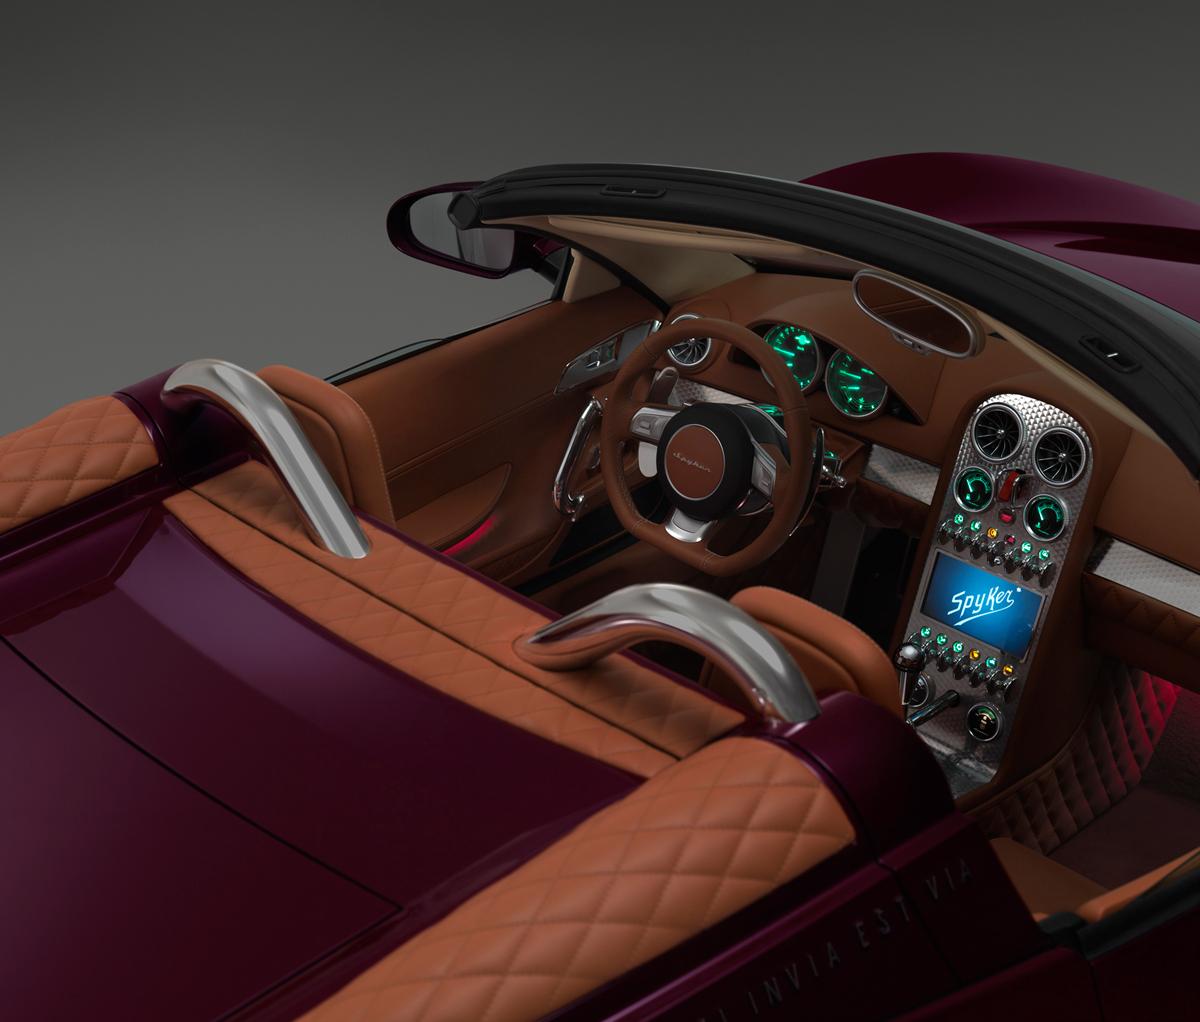 Fondo Pantalla Spyker B6-venator-spyder-concept Descapotable 2013 Interiores (6)